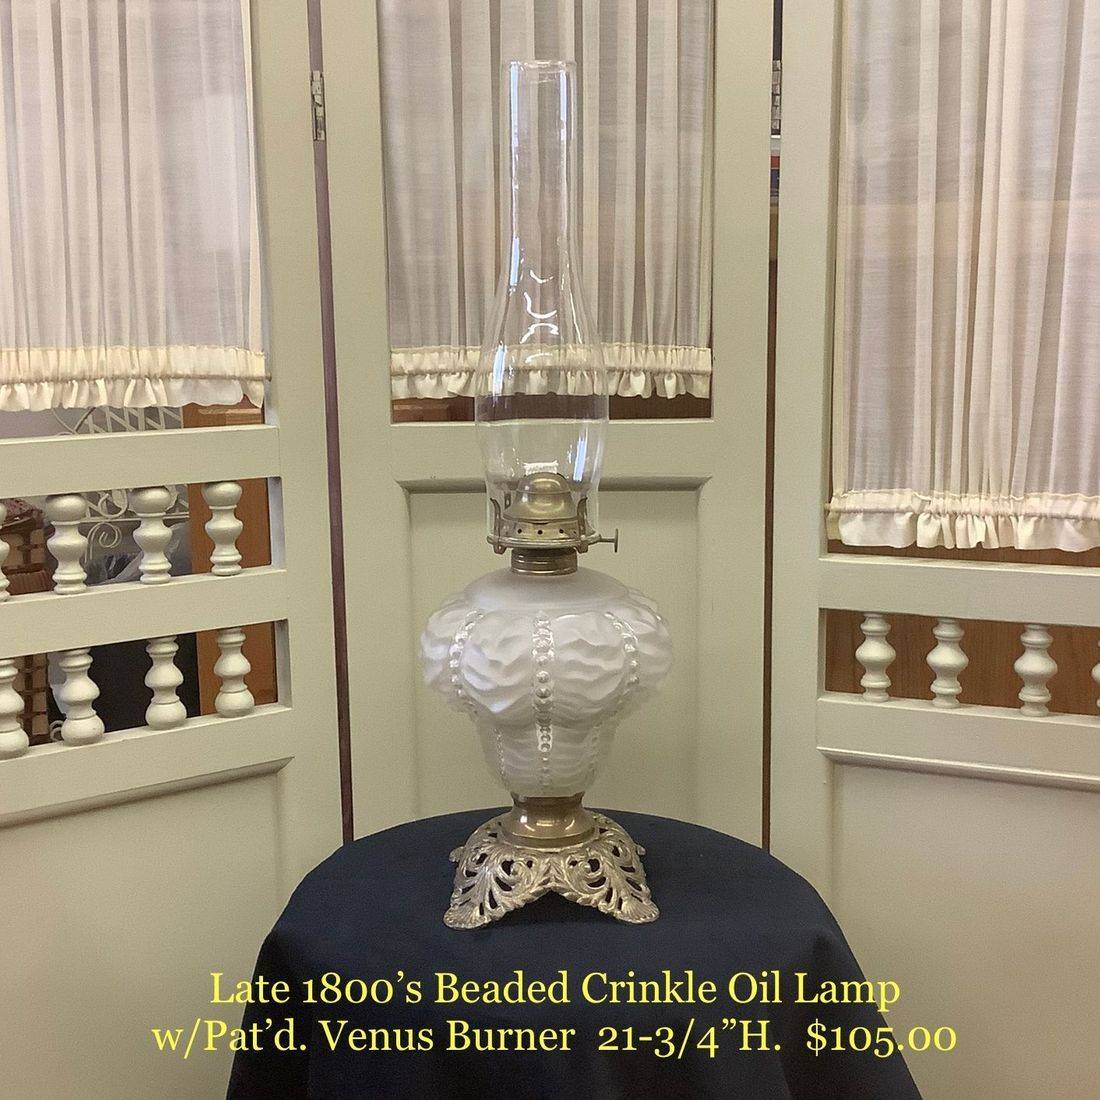 Late 1800's Beaded Crinkle Oil Lamp, w/Pat'd. Venus Burner   $105.00